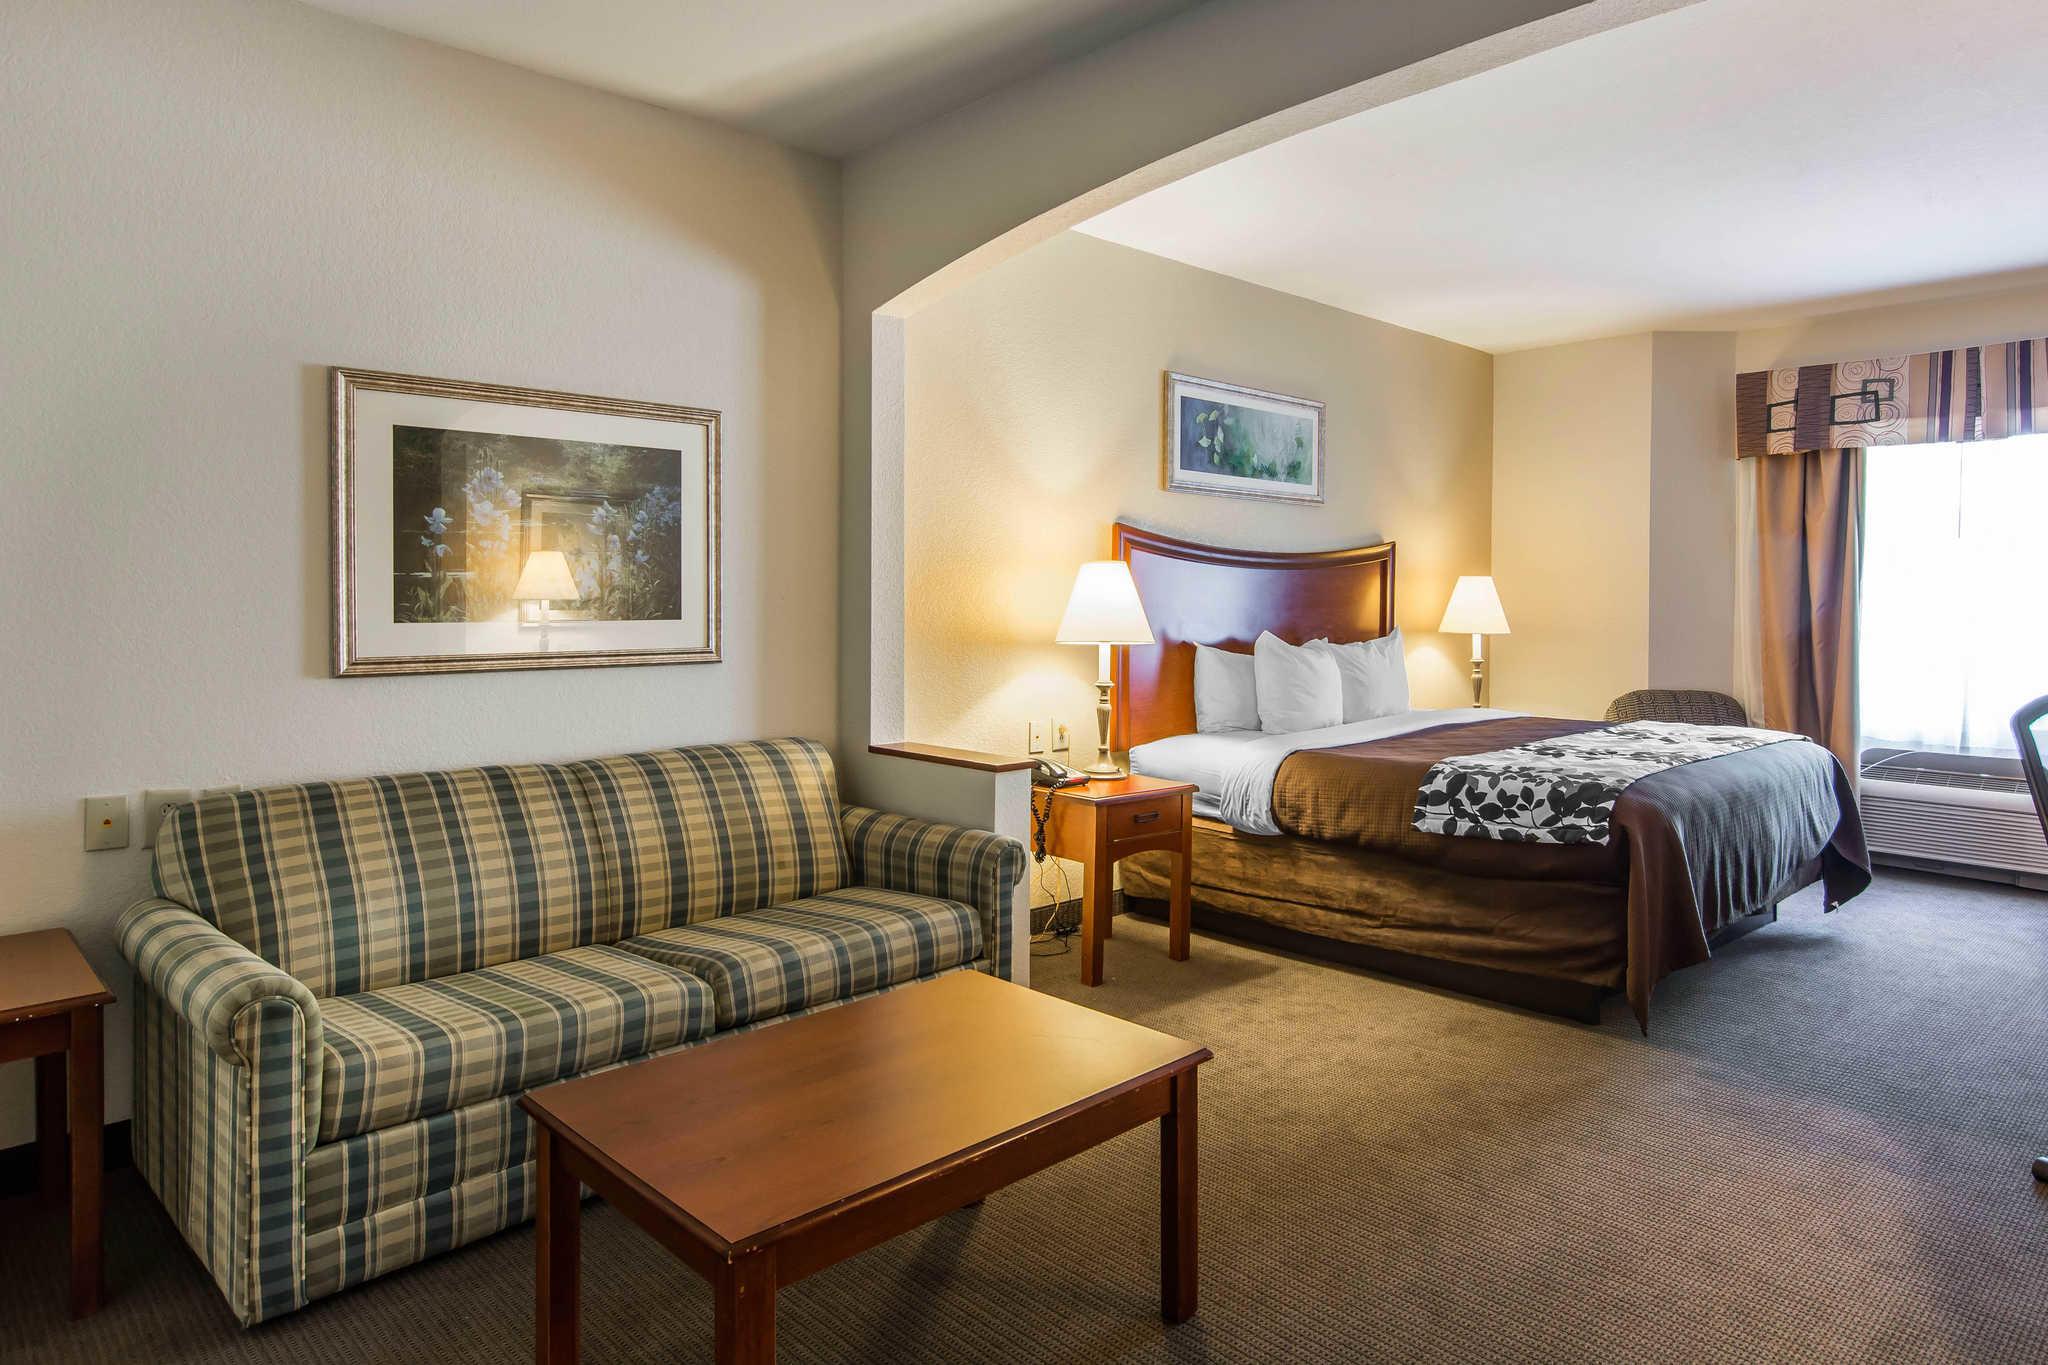 Sleep Inn & Suites Chesapeake - Portsmouth image 14